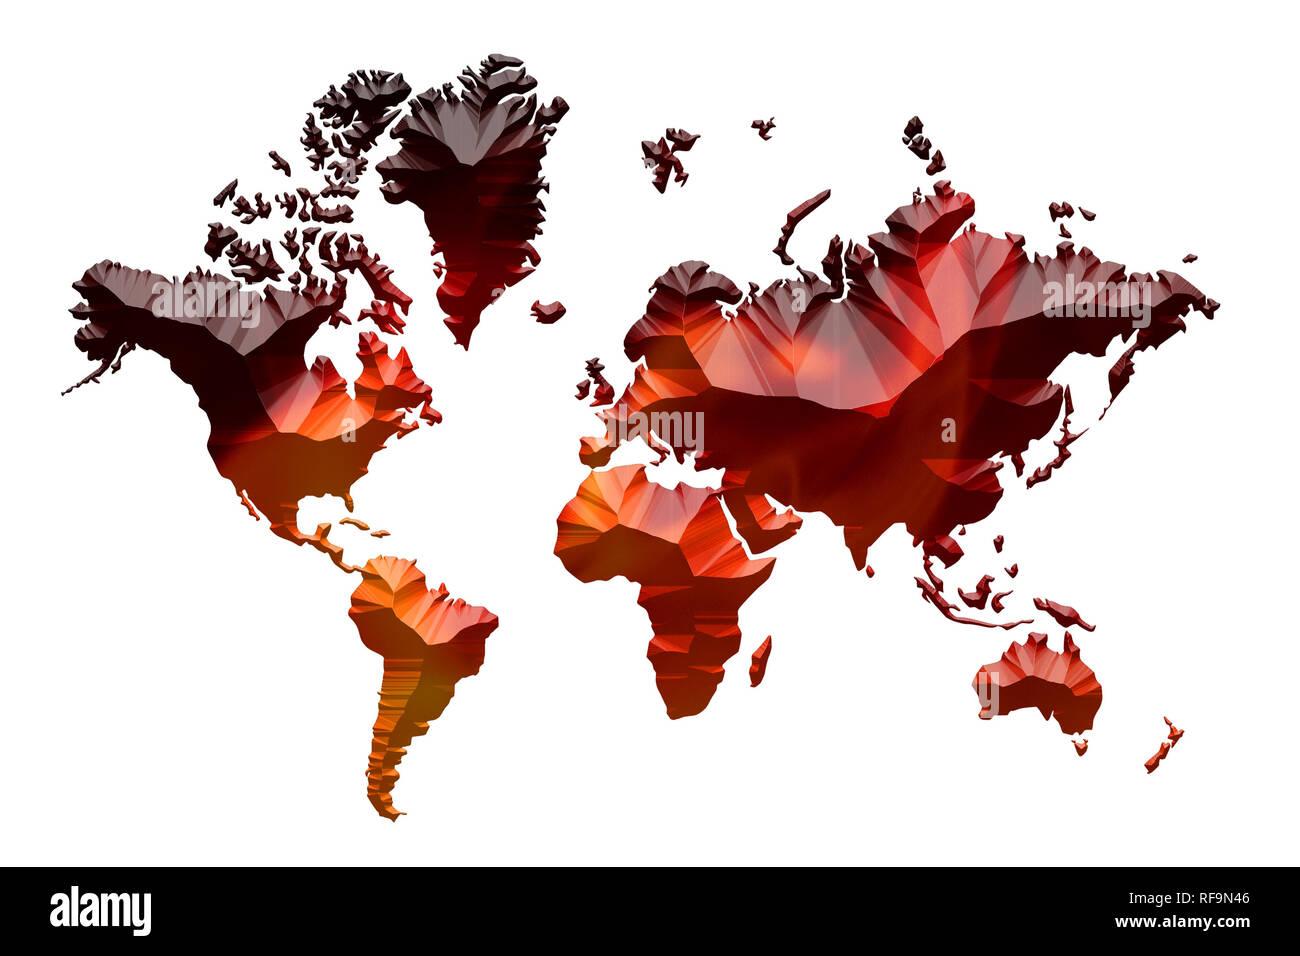 Rojo fuego ardiendo en la forma de mapa del mundo sobre fondo blanco con abundante espacio para copiar el texto Imagen De Stock